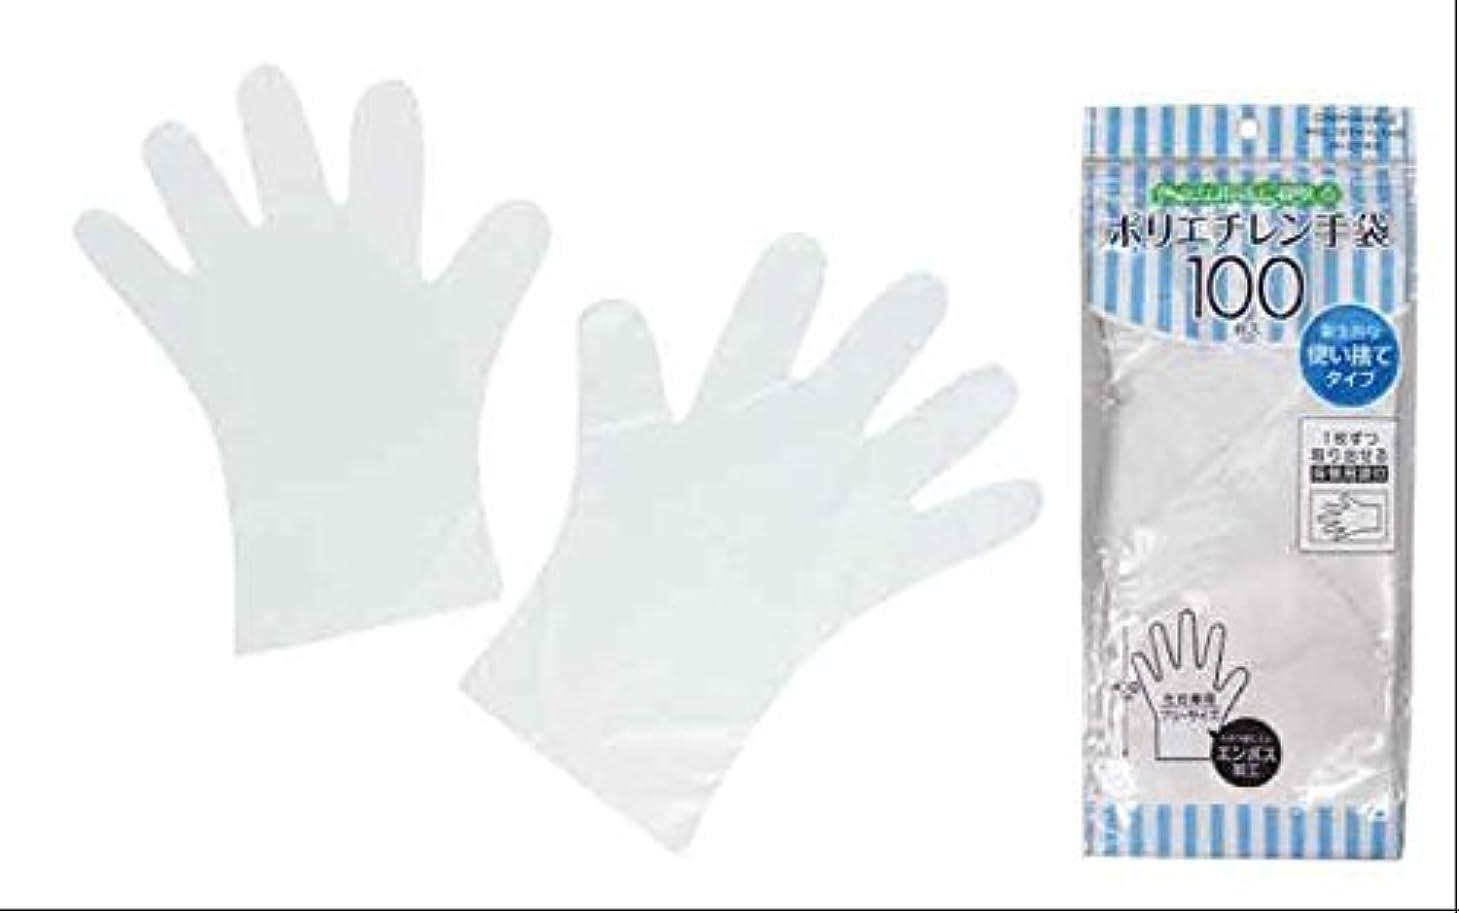 免疫チャーミング天国使い捨て手袋 100P ポリエチレン手袋【介護用品】【衛生用品】7262